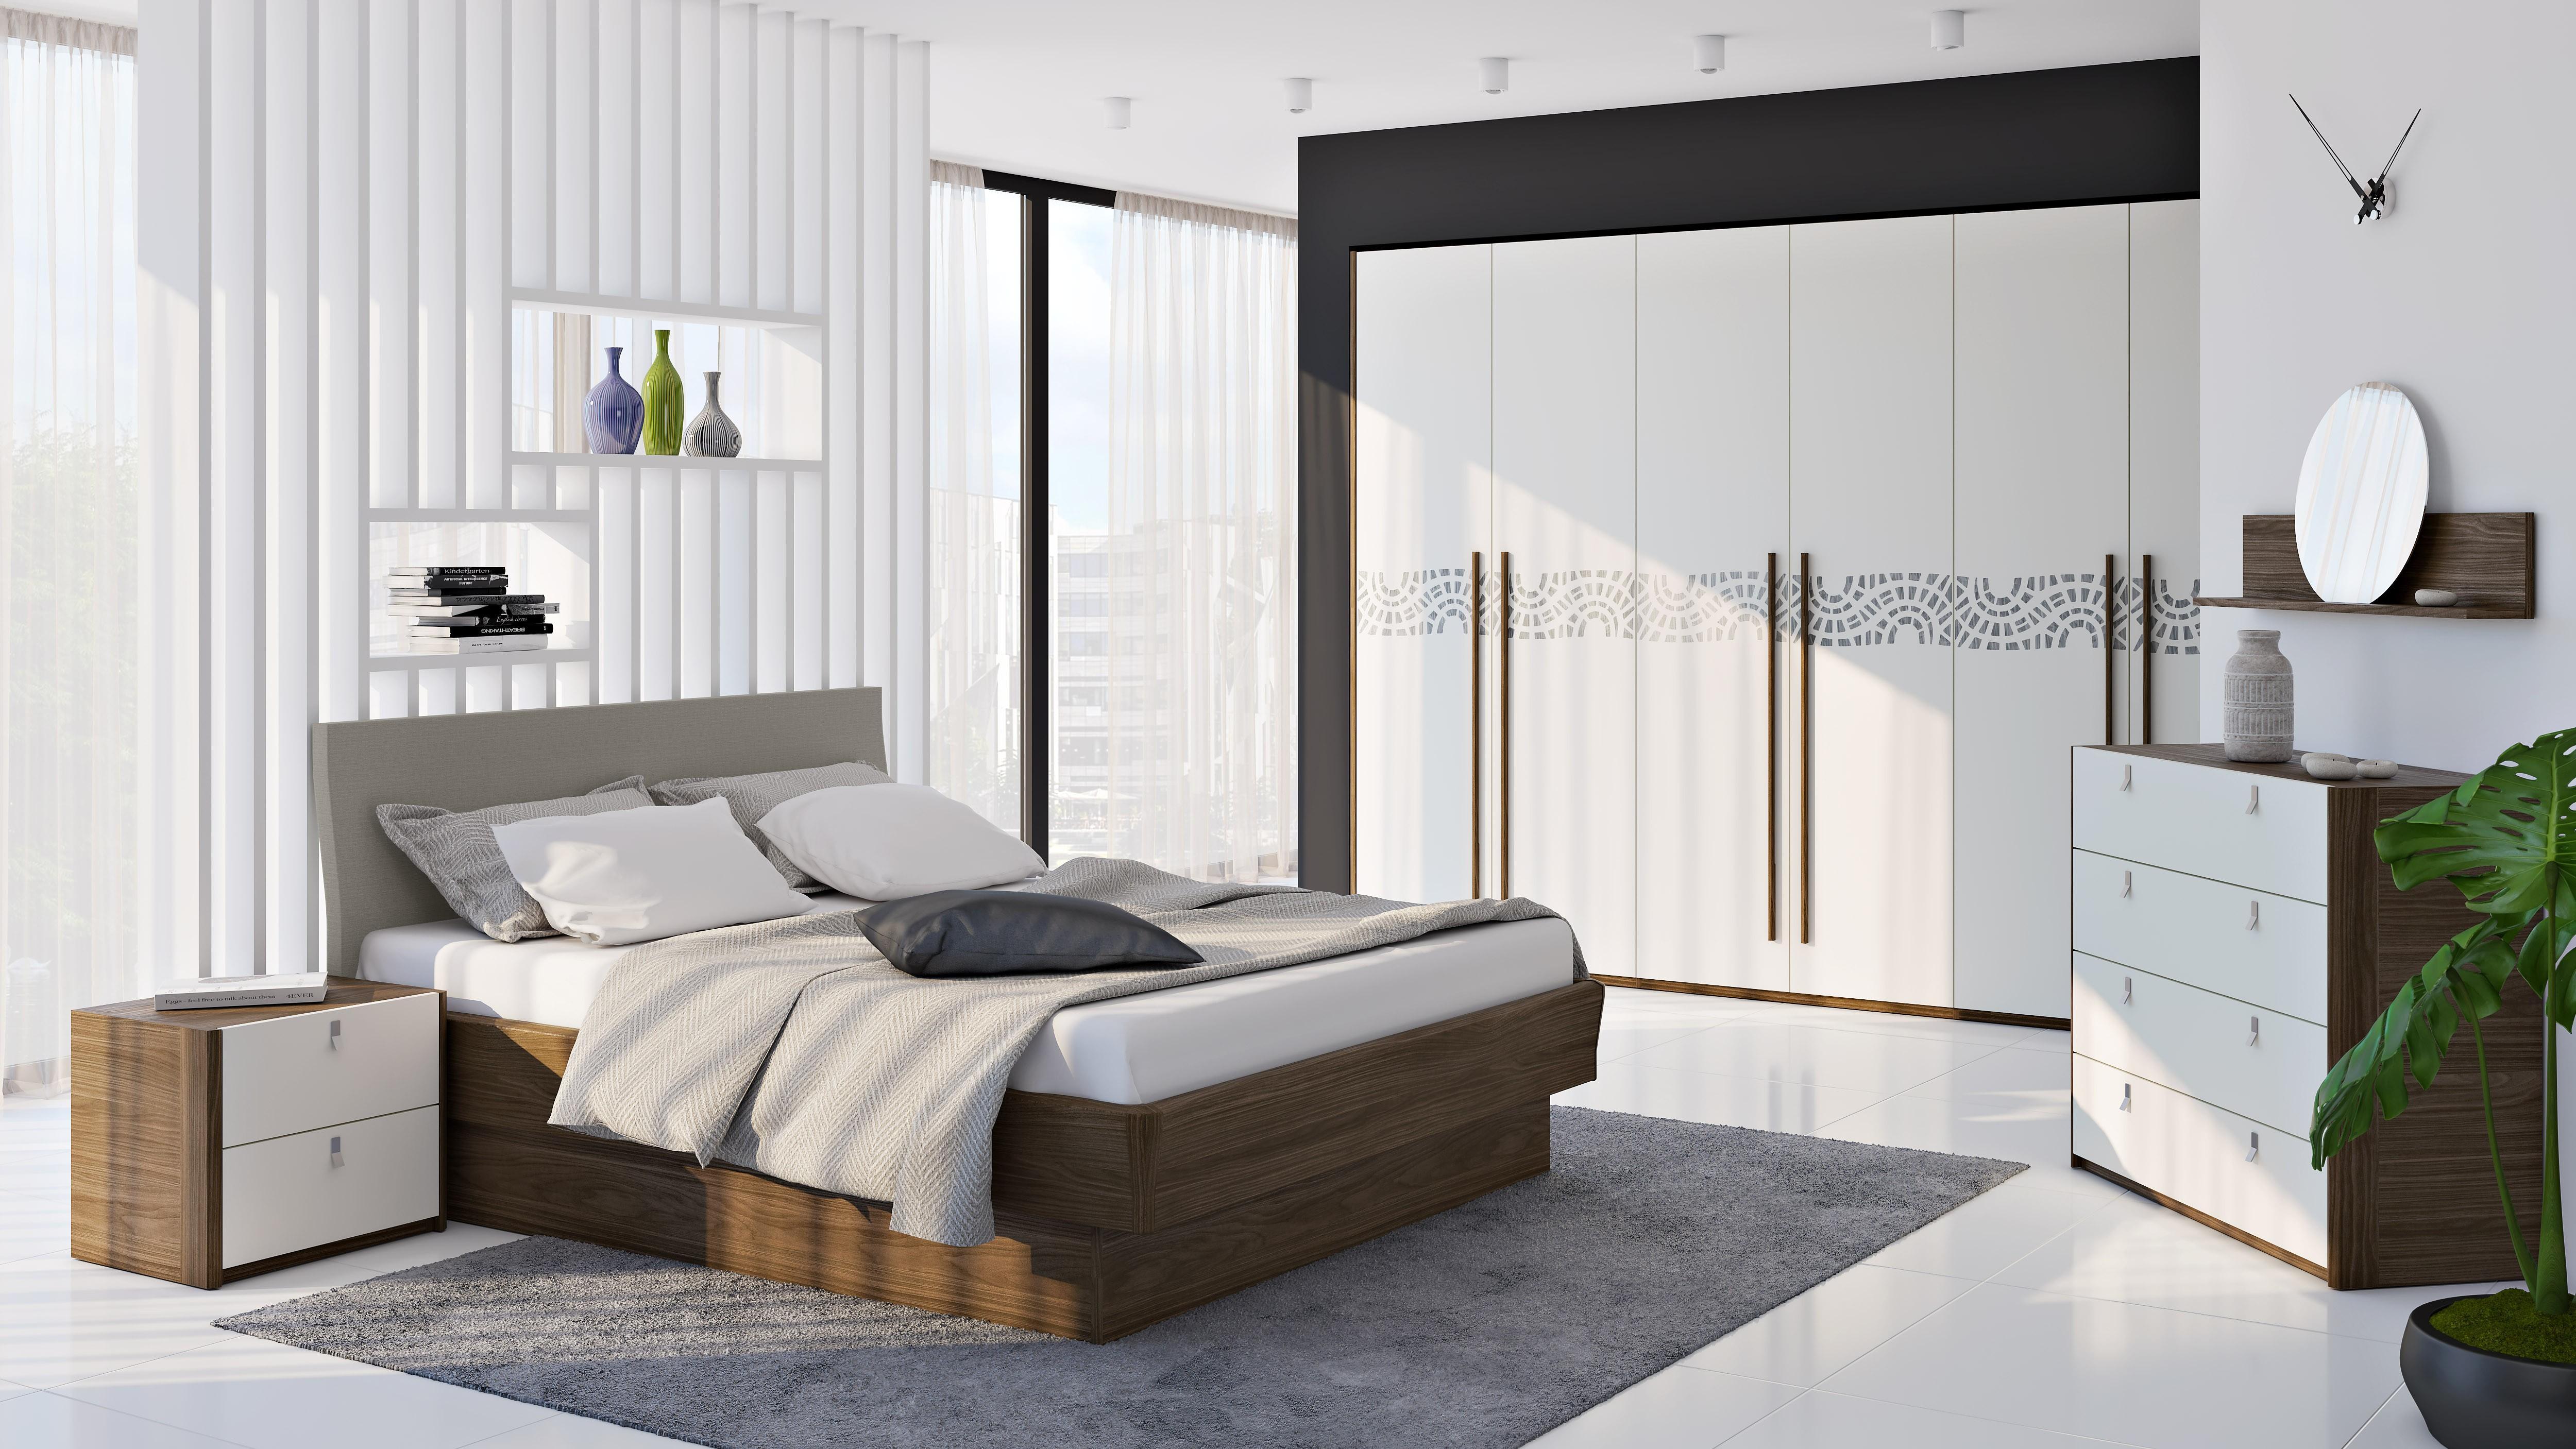 Nova spalnica Arabeska